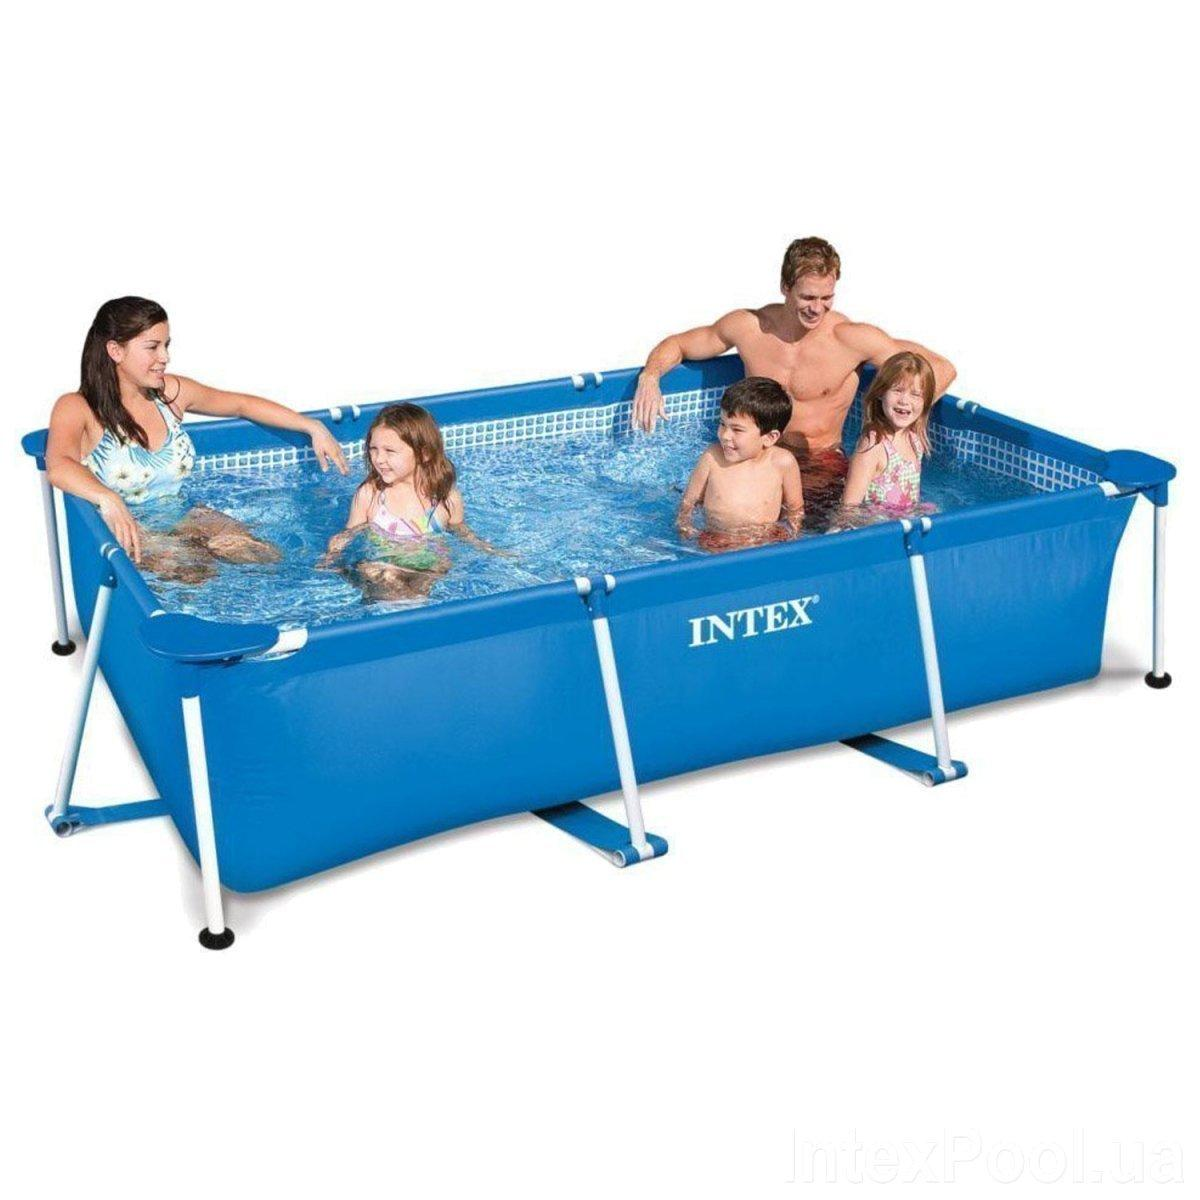 Каркасный бассейн Intex 28270, 220 х 150 х 60 см